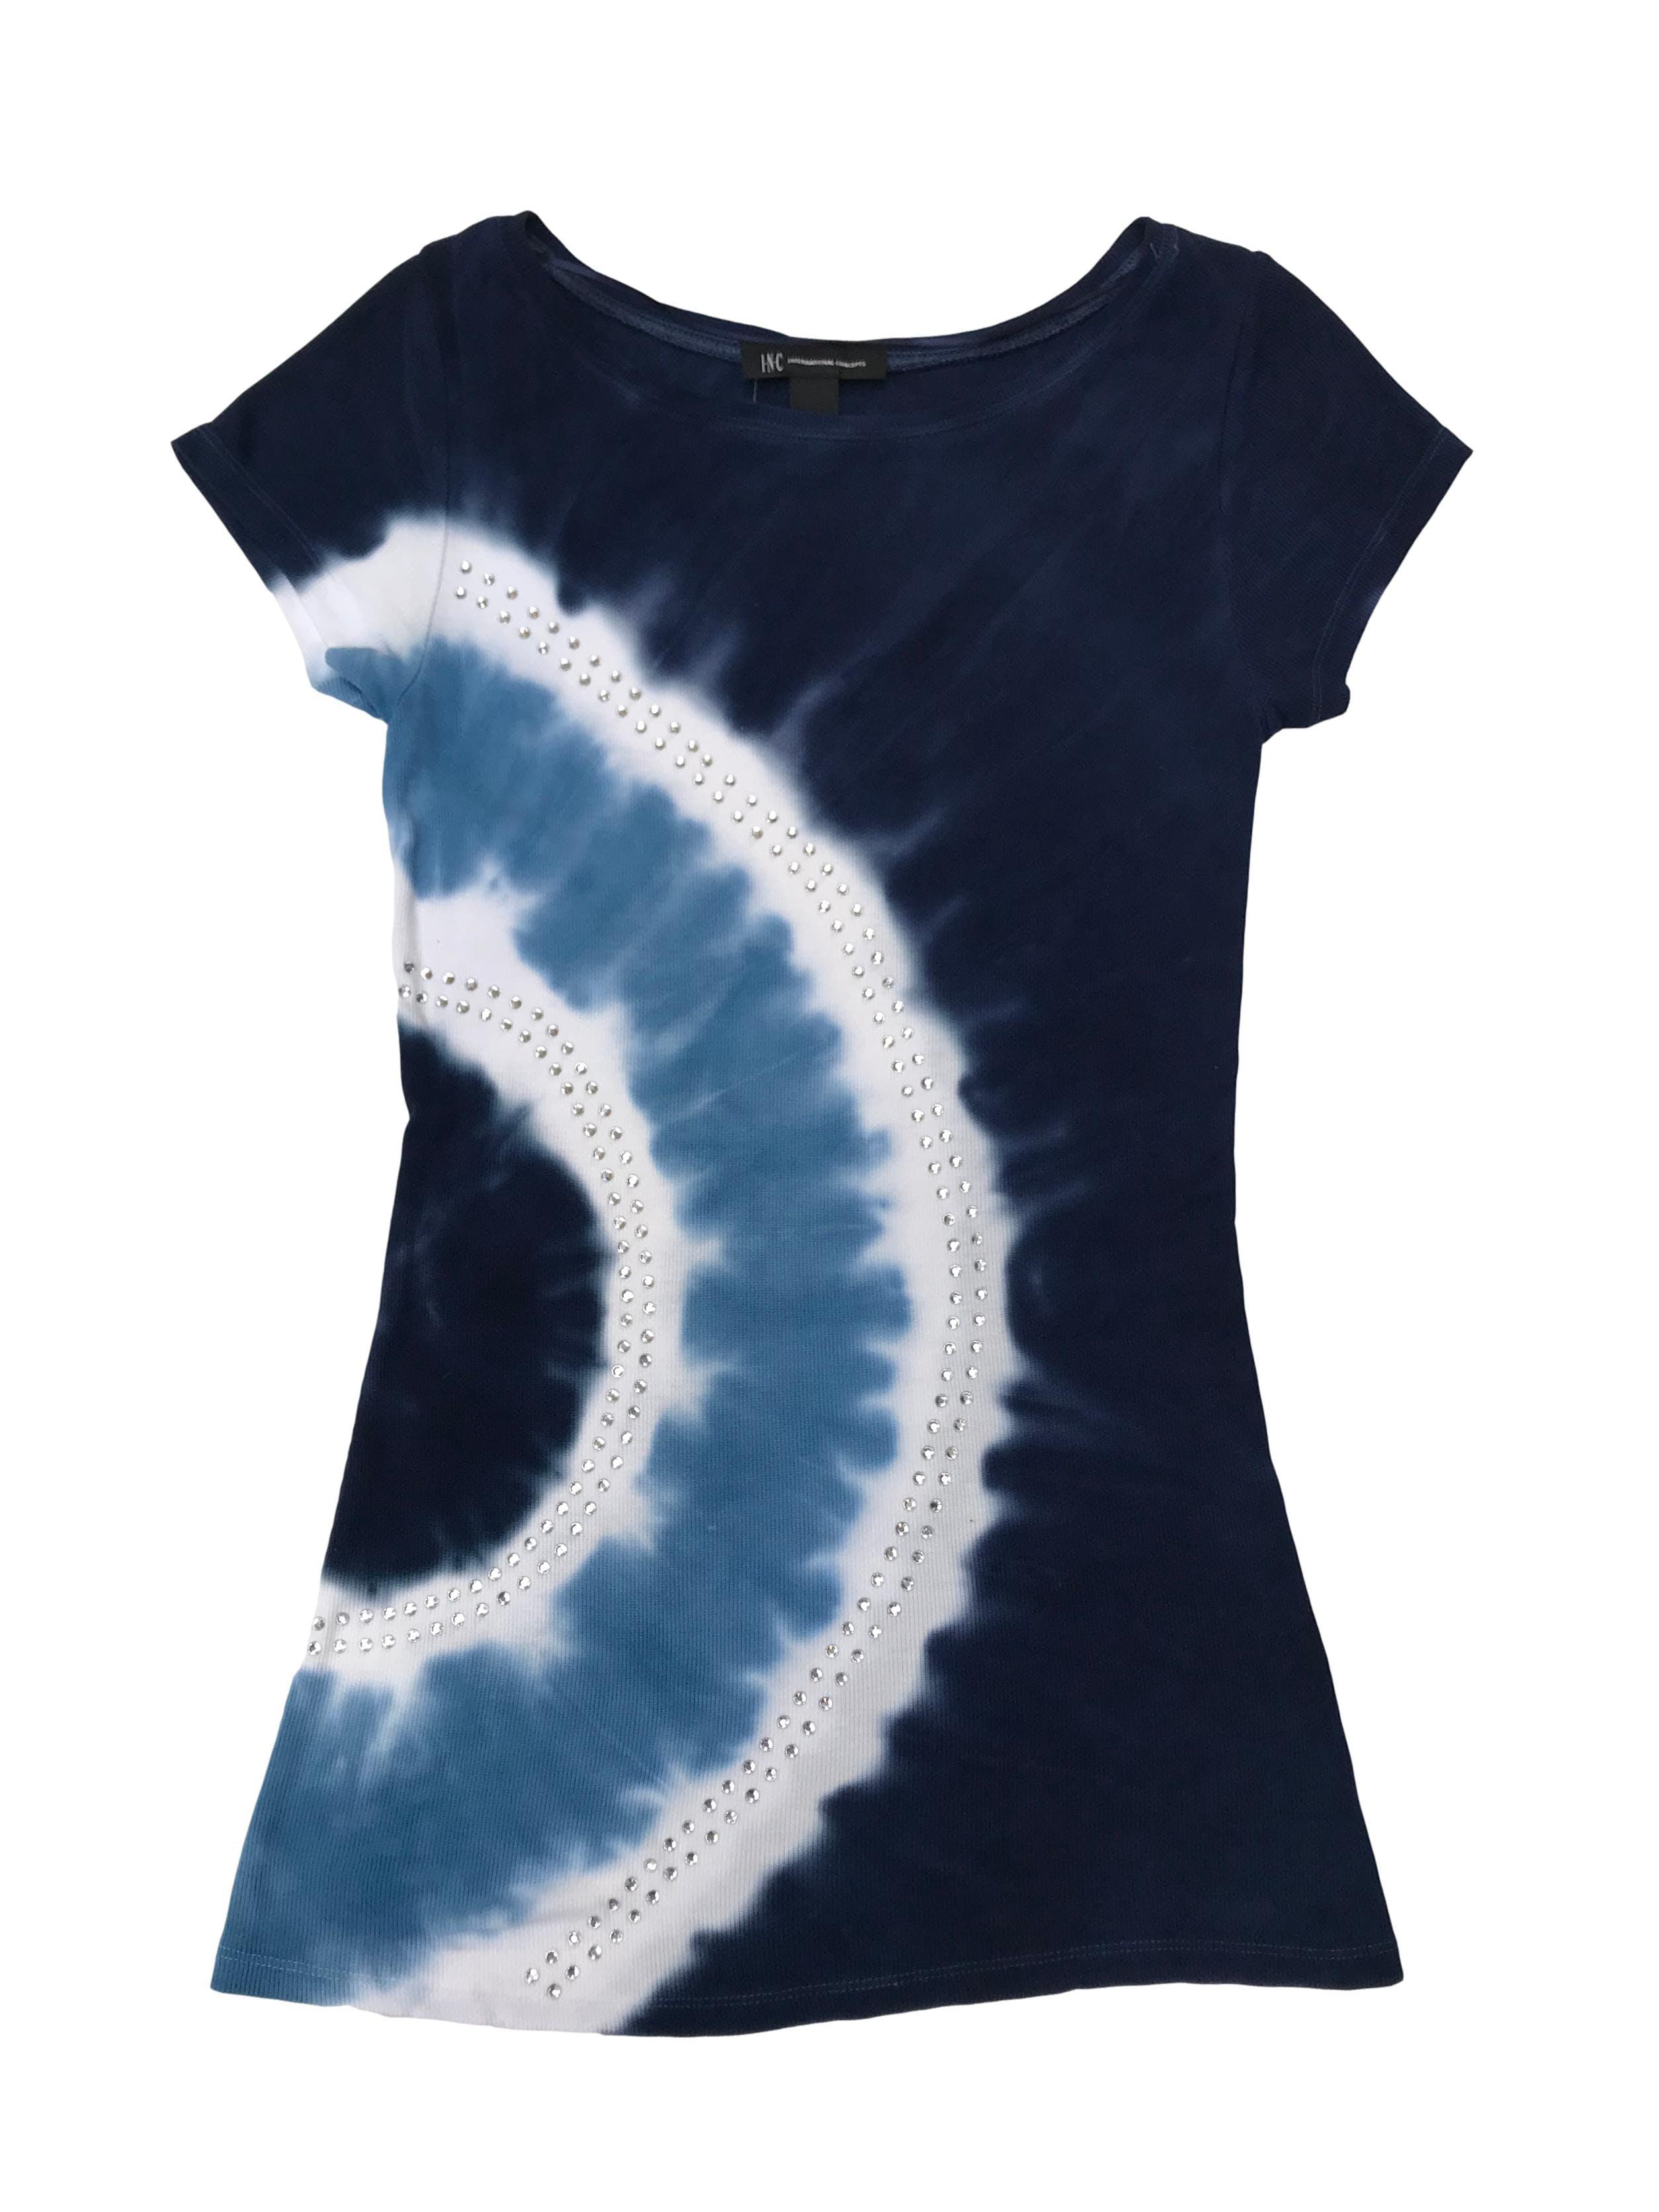 Polo I-N-C International Concepts con estampado tie dye en tono azul, blanco y celeste, aplicaciones de strass. Precio Original S/. 180